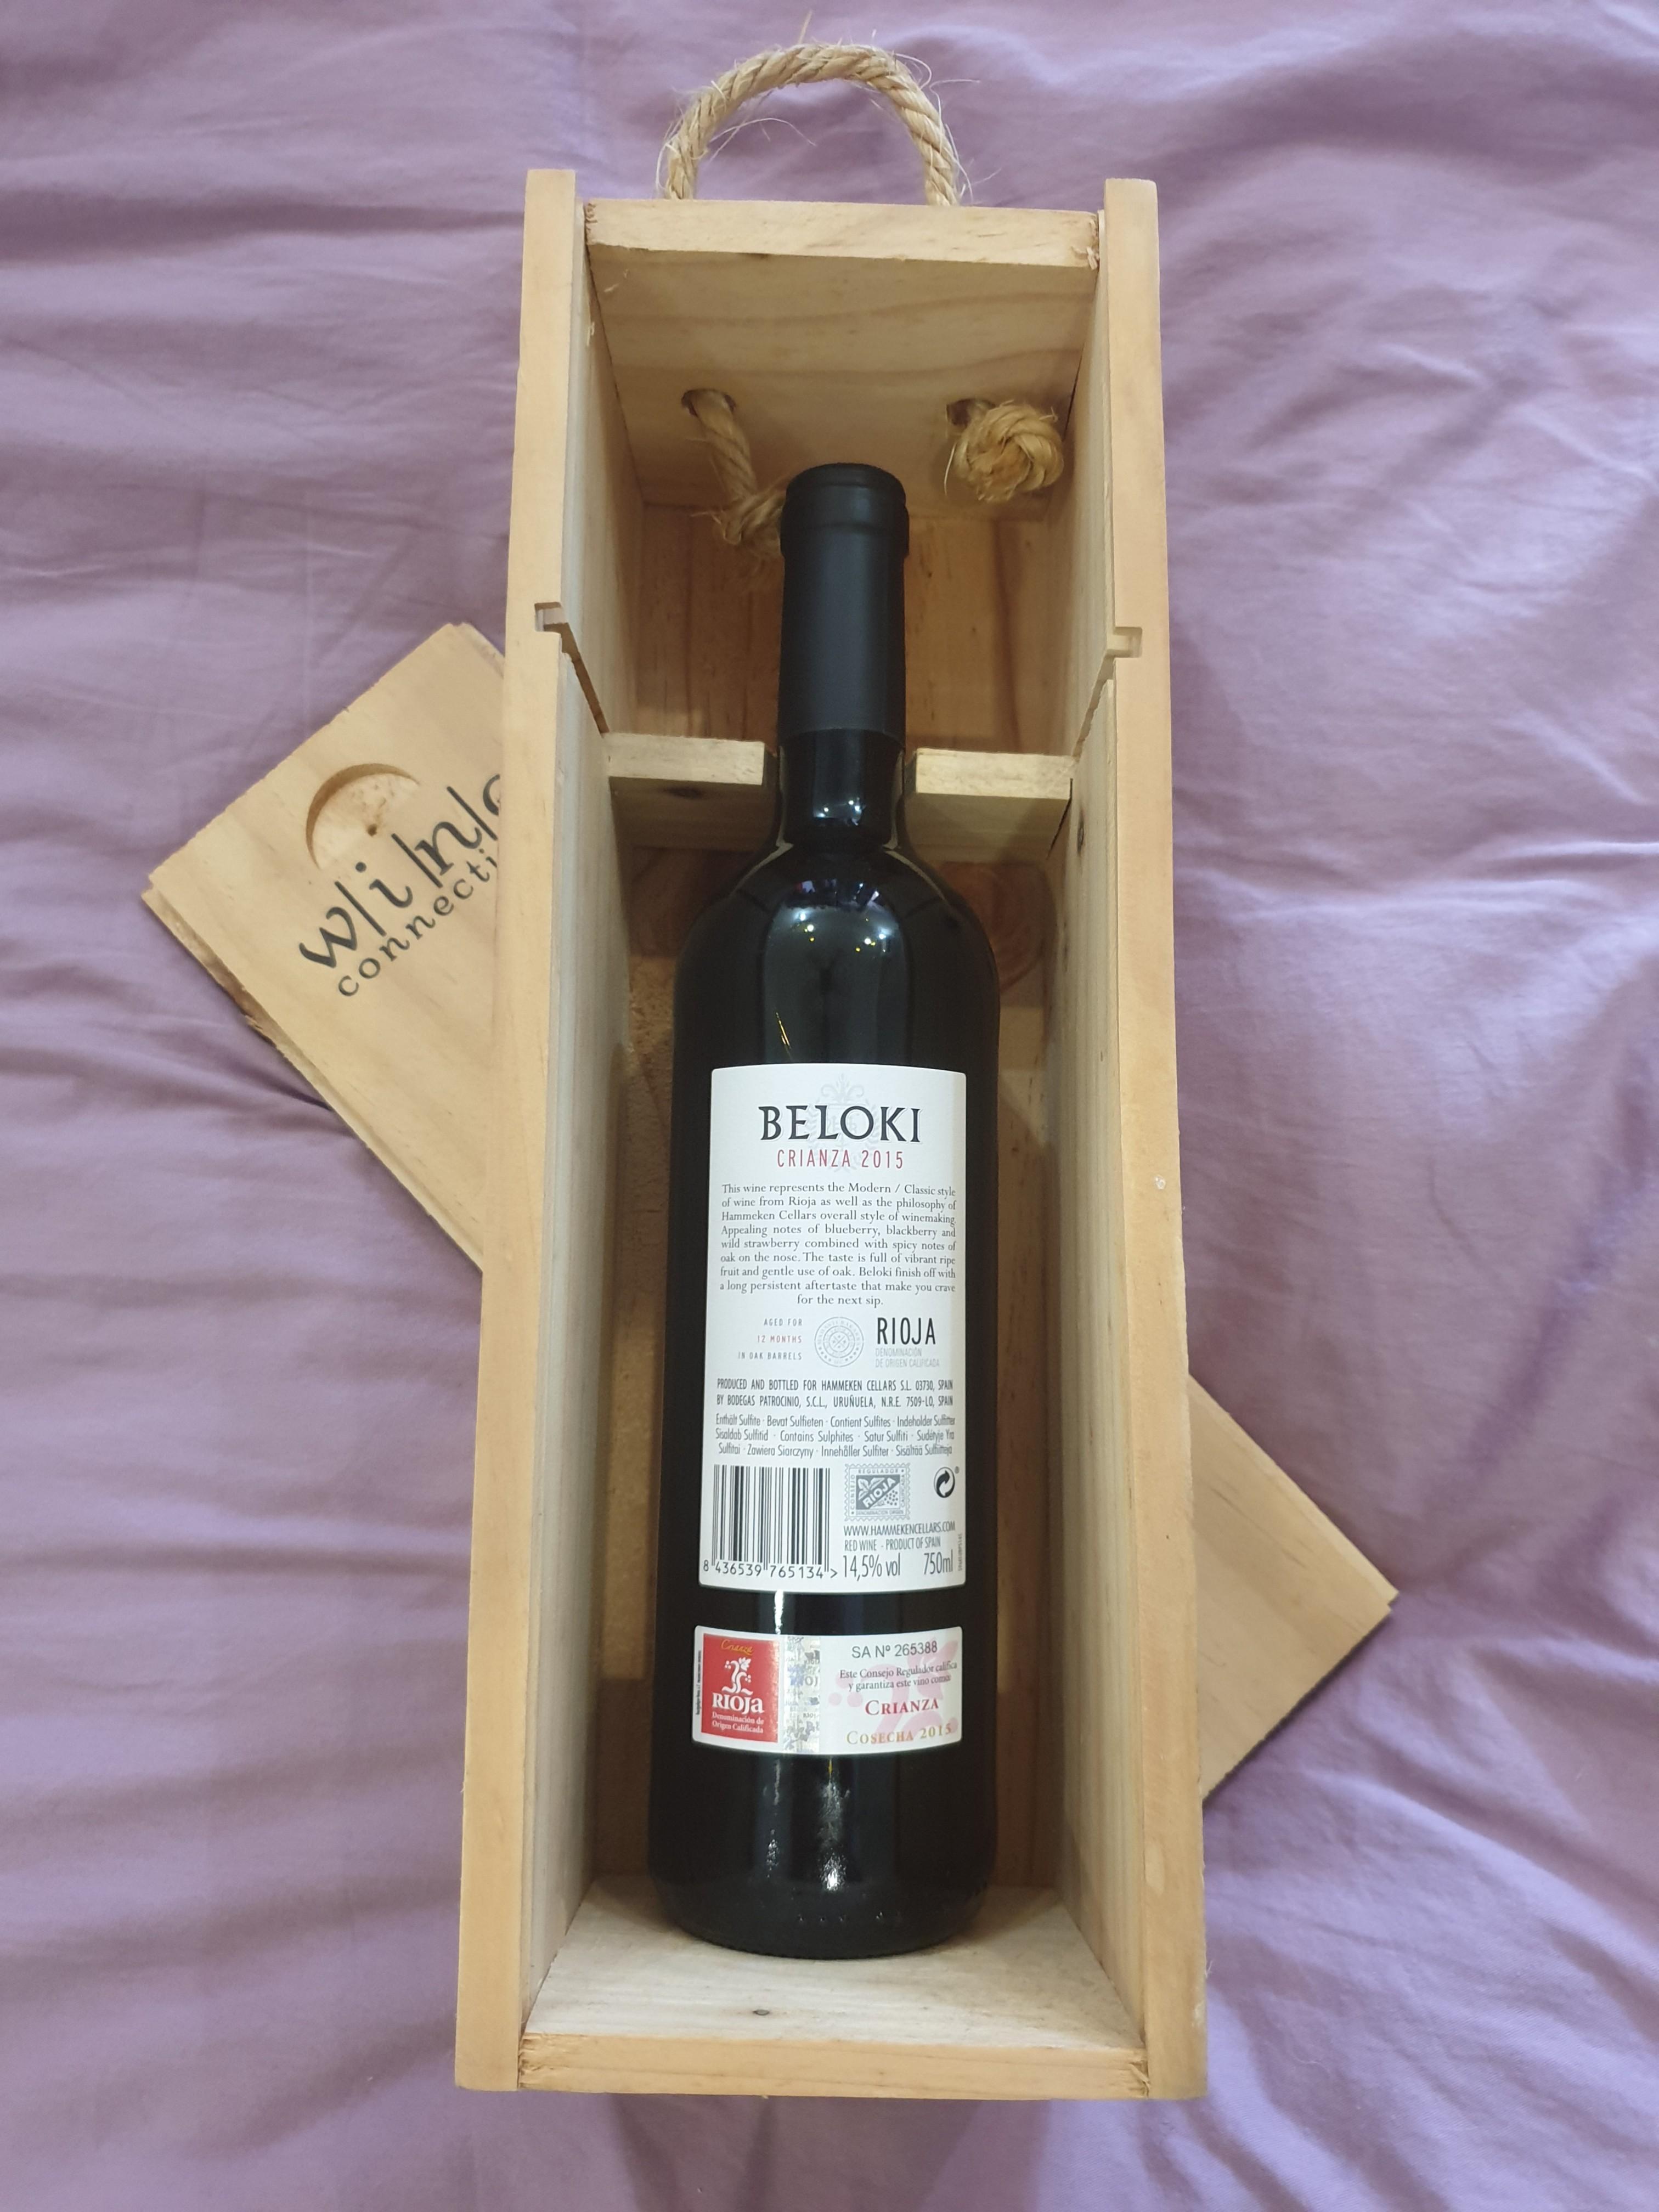 Beloki Rioja Spanish red wine FREE Cold Storage voucher